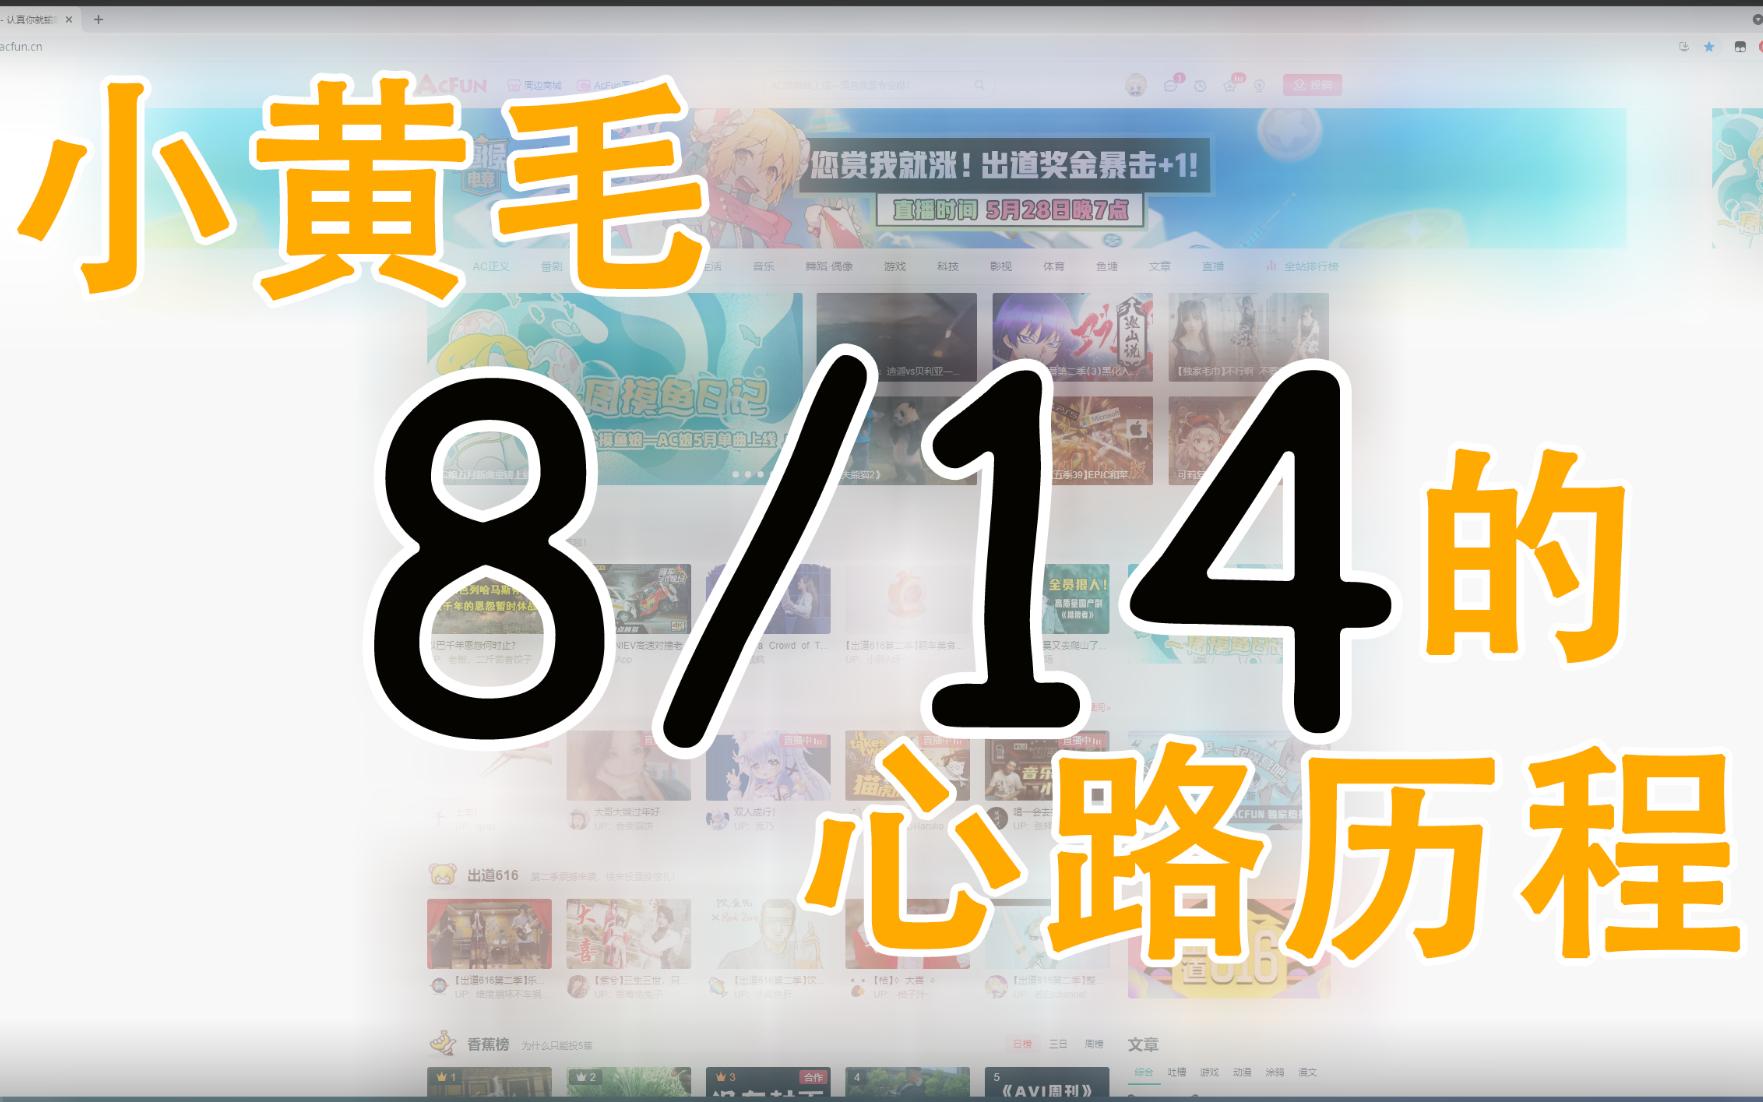 【虚拟花絮】小黄毛《8/14》的心路历程【栉叶构造丨kushiha】